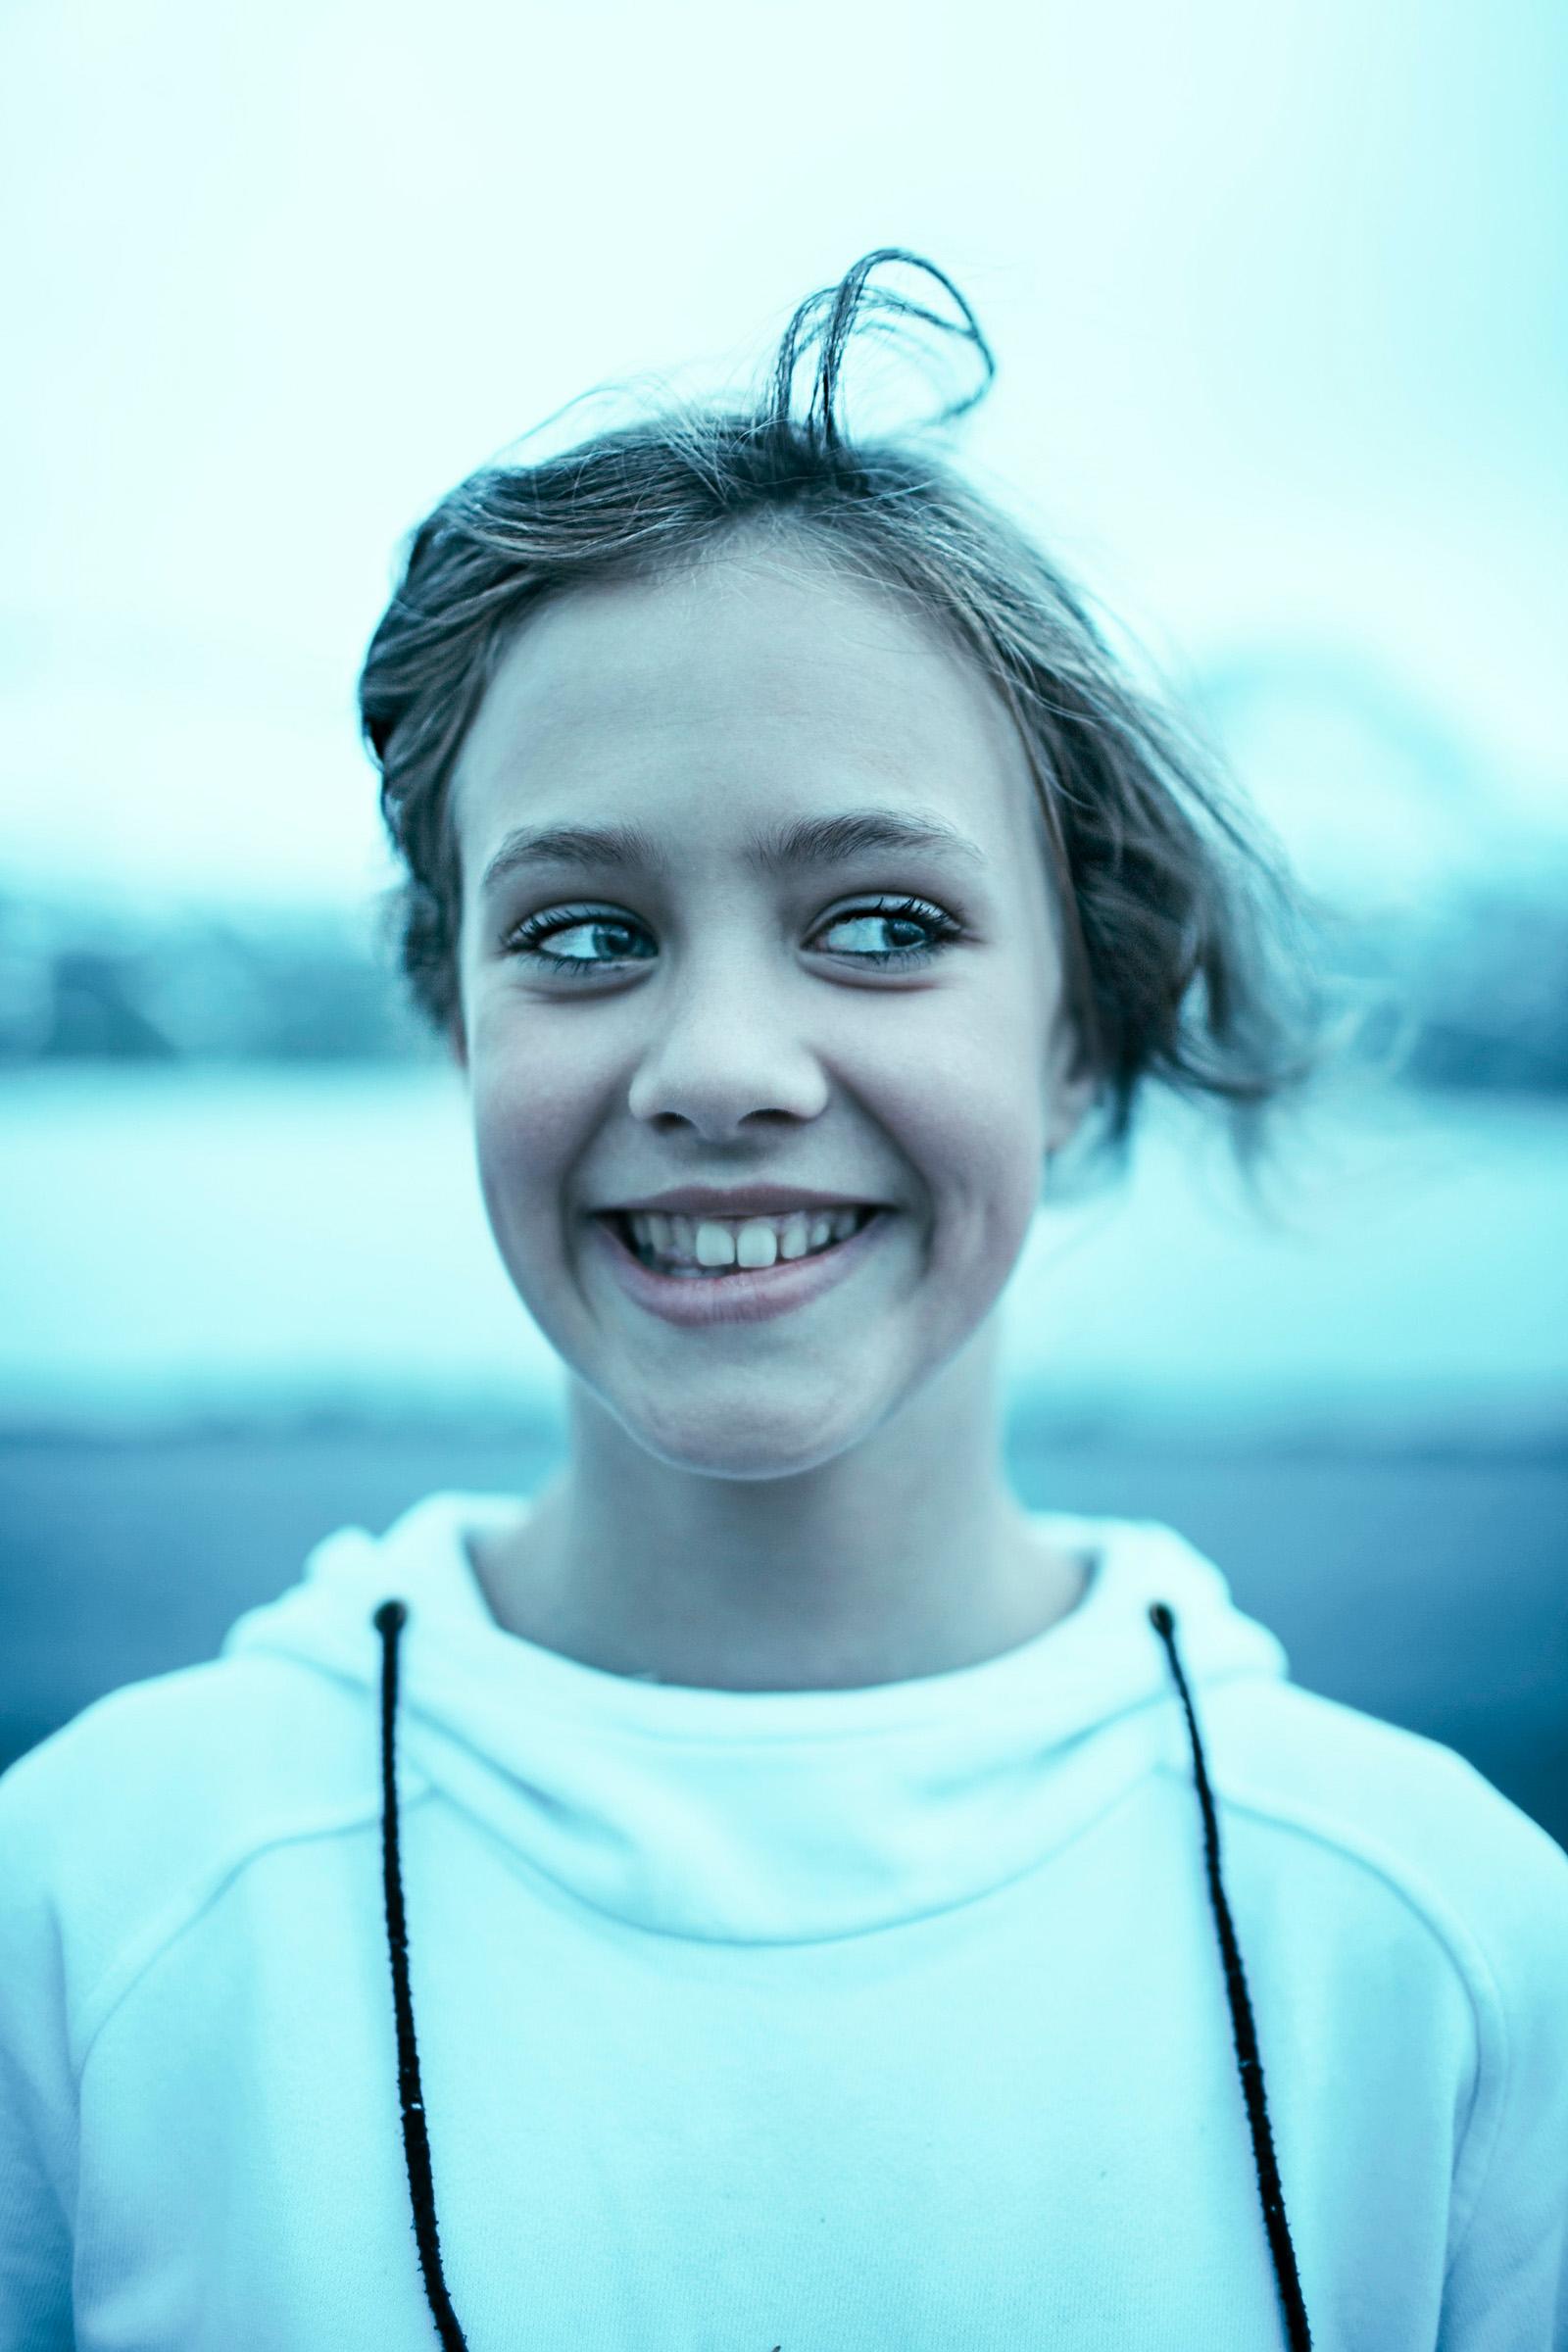 218807-11137258-Iceland_girl_2_jpg.jpg